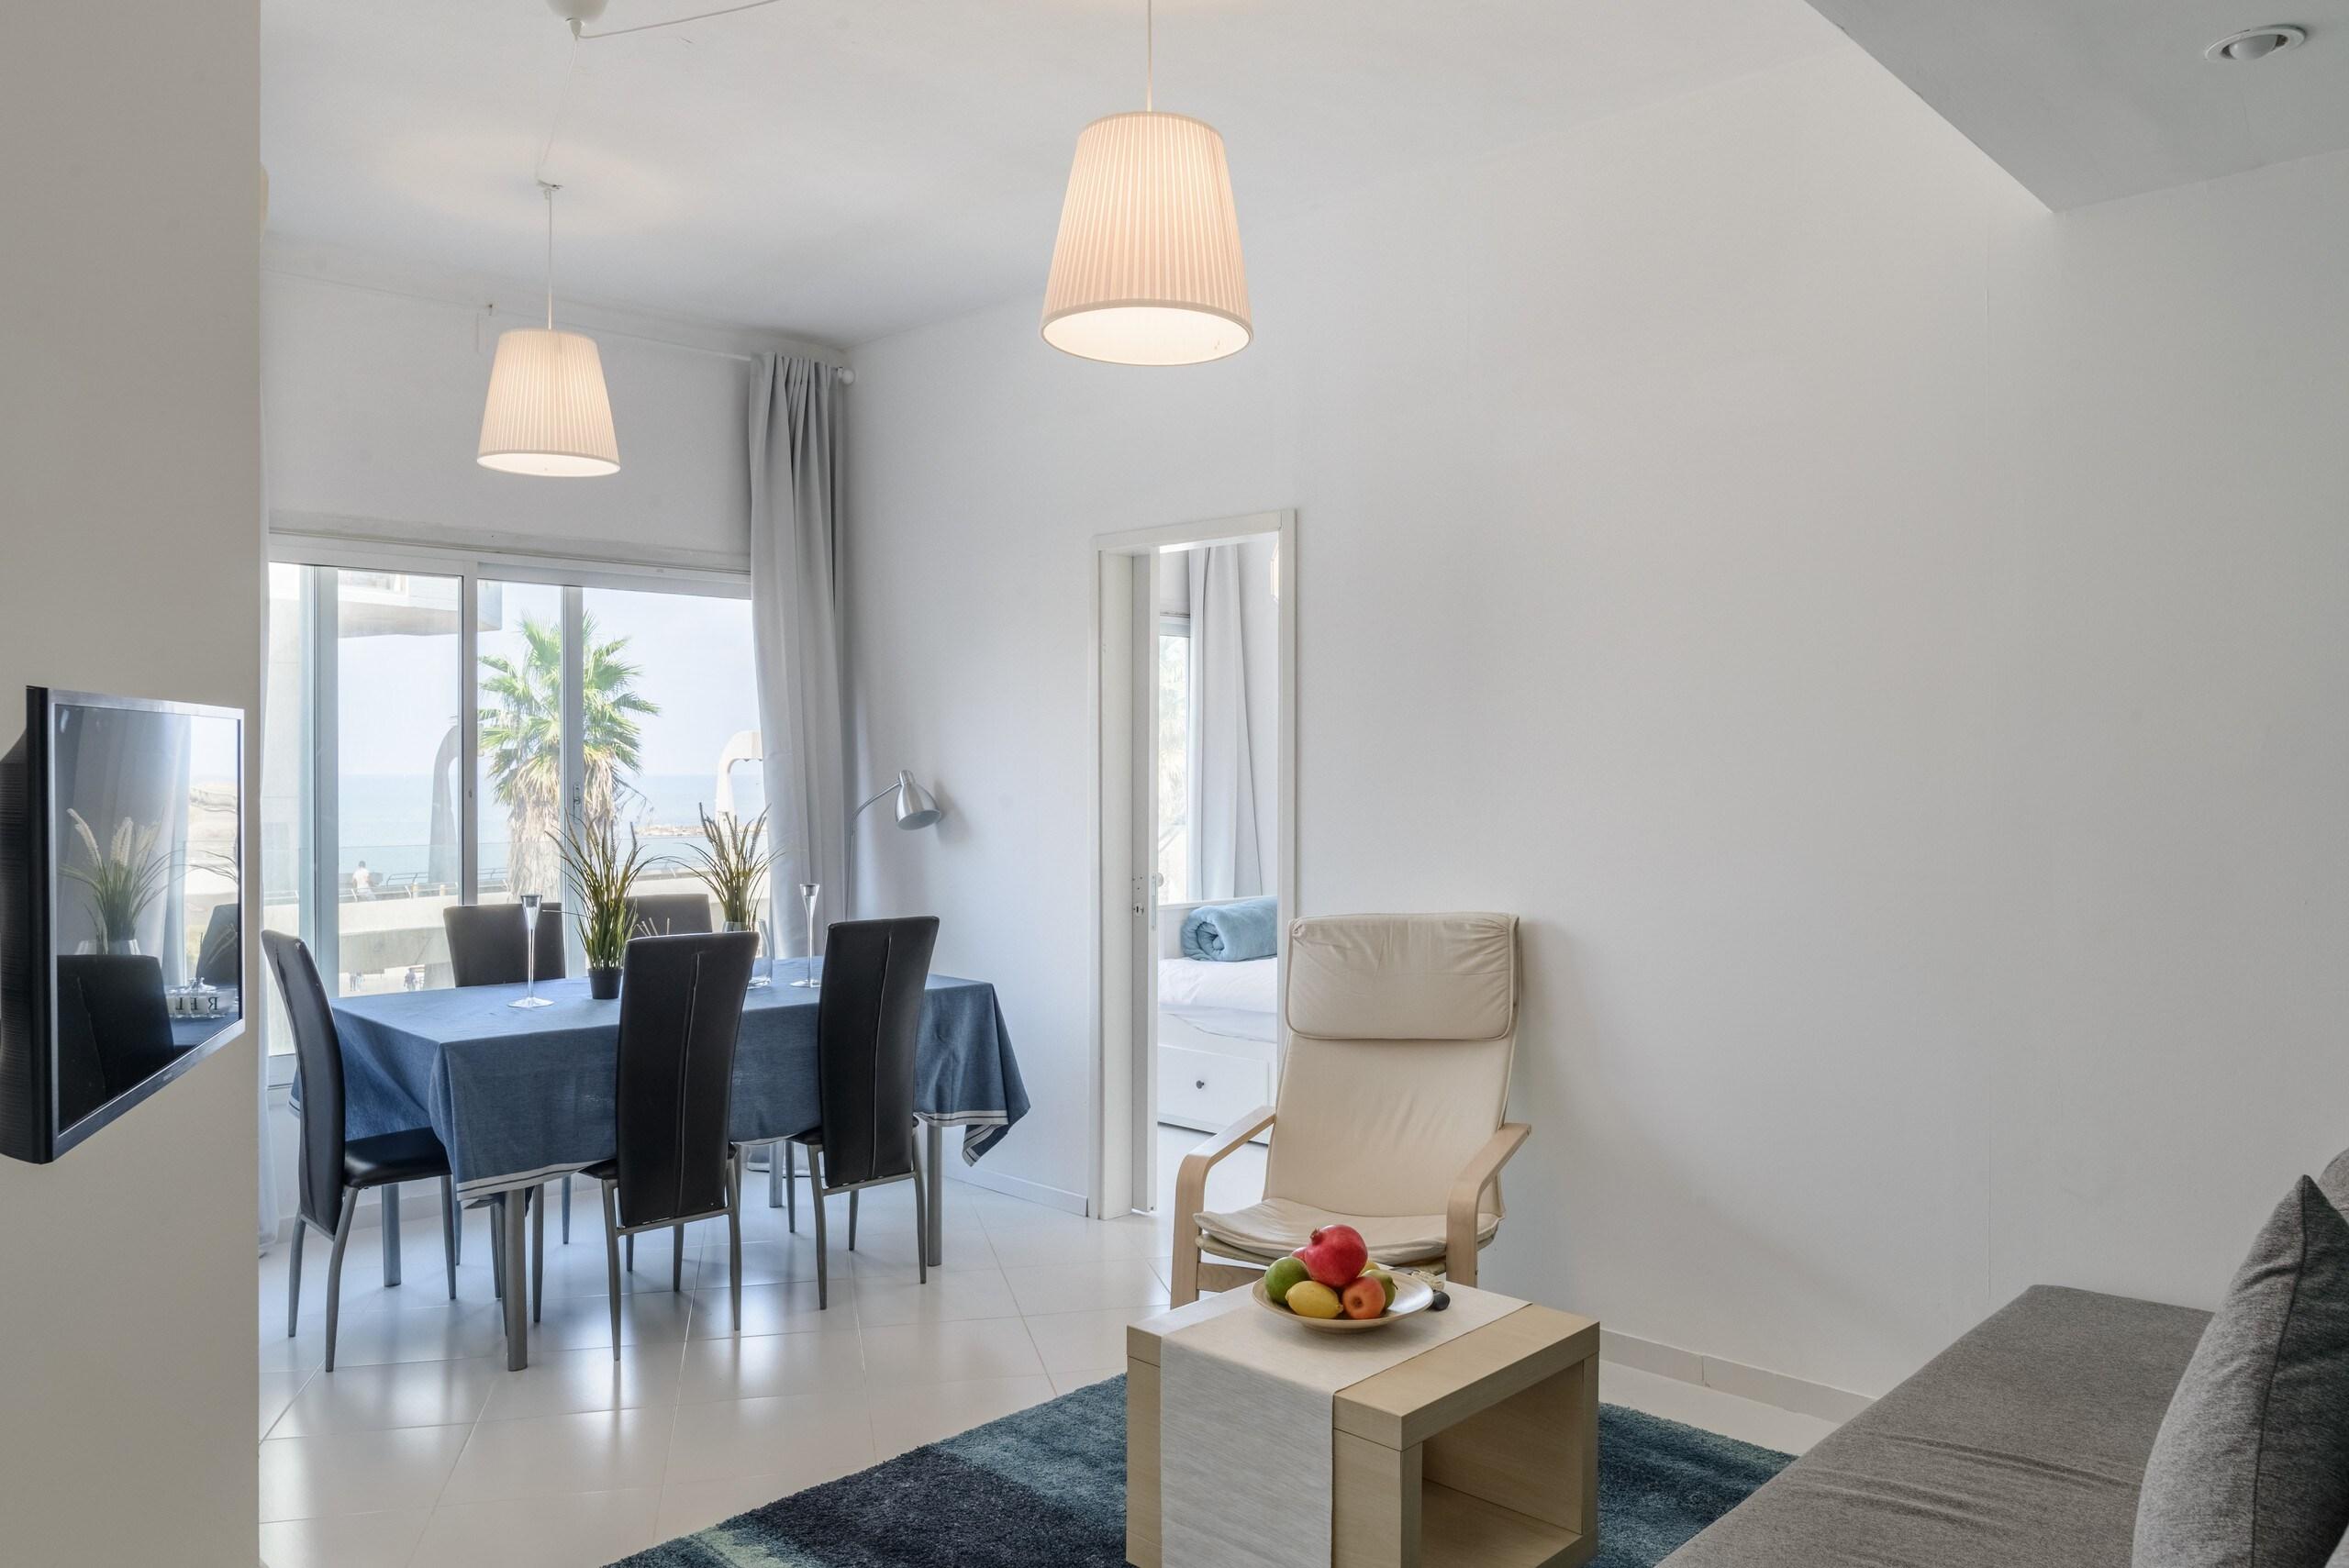 Apartment Sea View 2 bedroom apartment next to Hilton beach photo 23620166